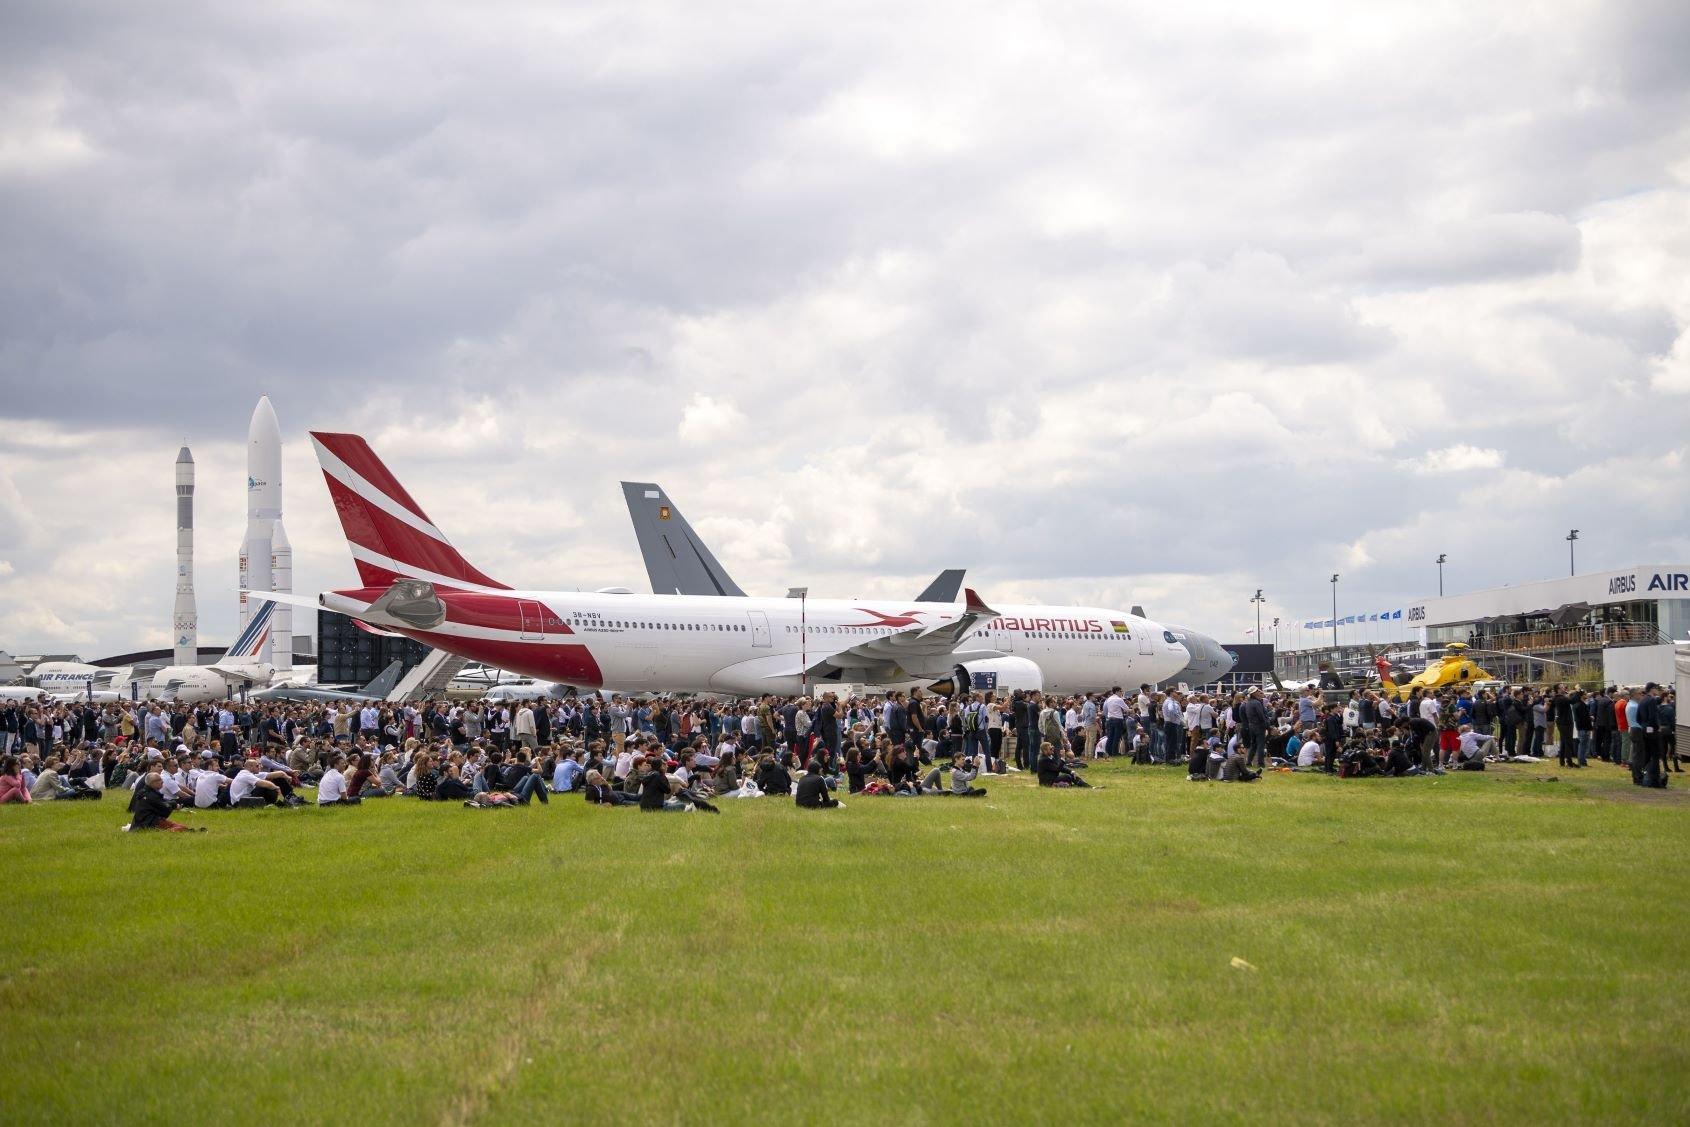 Pesawat baru Airbus di Paris Airshow 2019